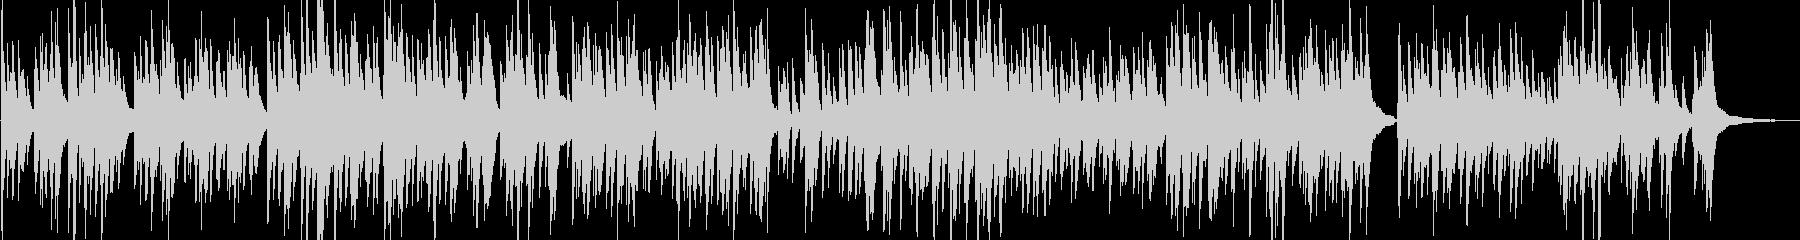 カフェ・街歩き アナログなおしゃれピアノの未再生の波形